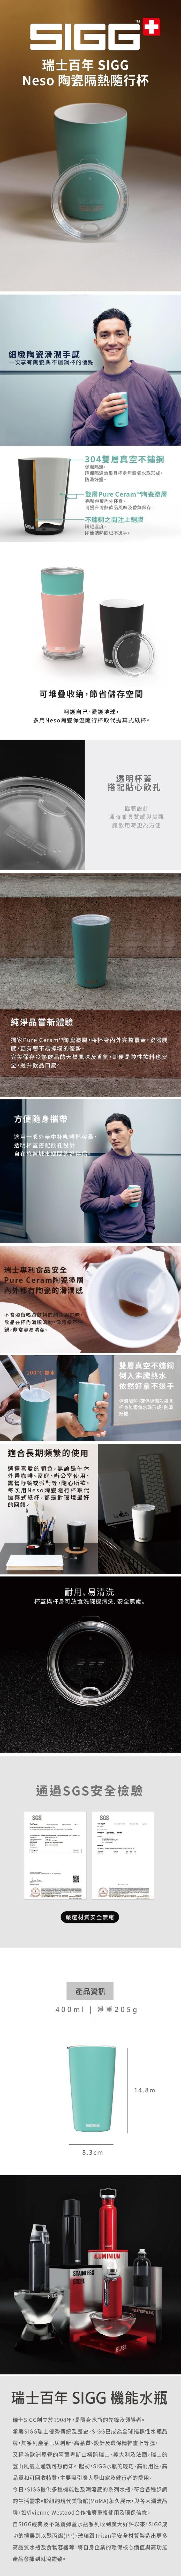 (複製)瑞士百年 SIGG|Neso 陶瓷隔熱隨行杯 400ml - 純雪